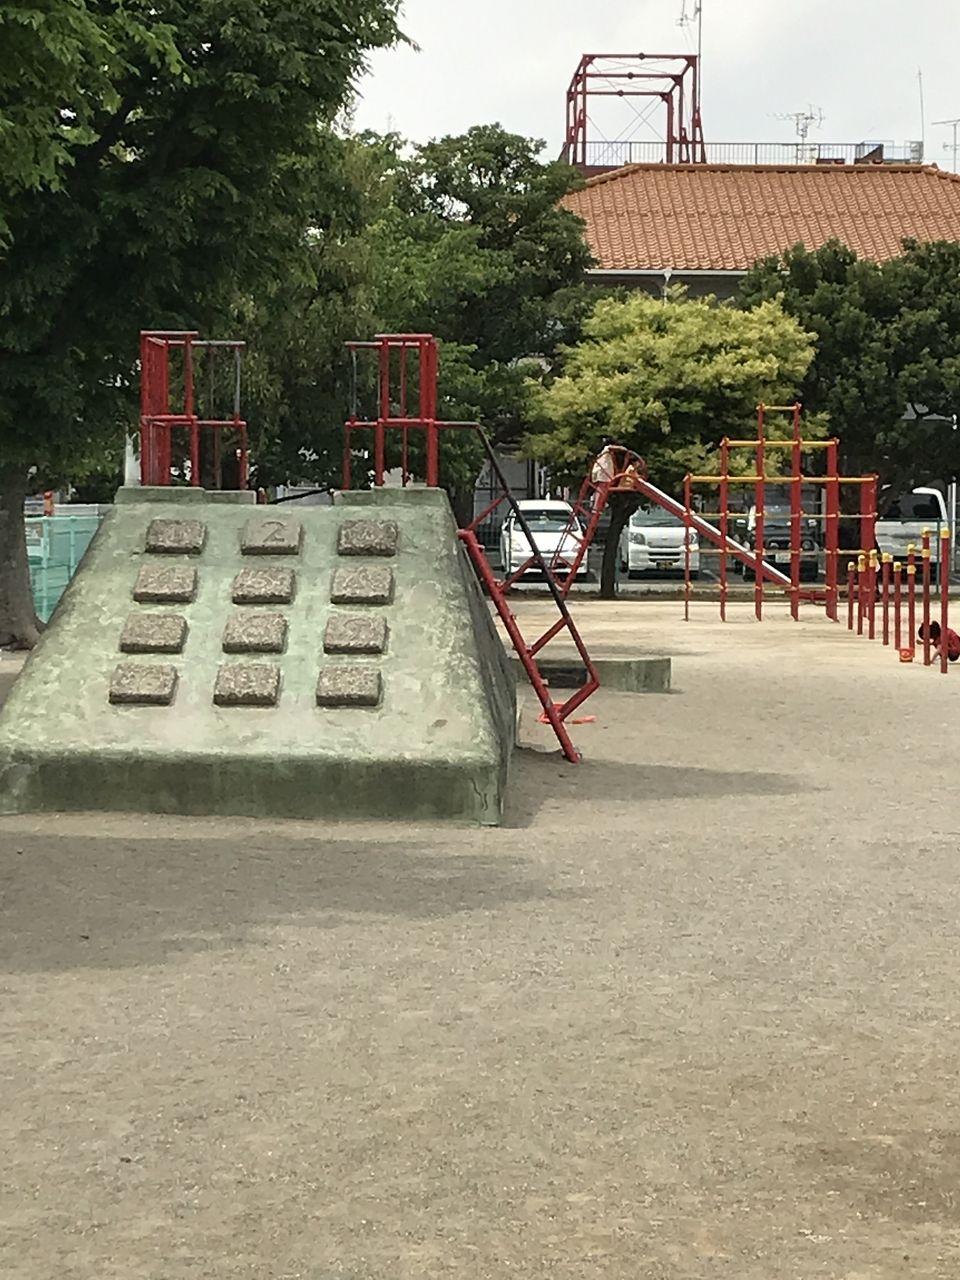 行徳の南沖公園の電話のすべり台